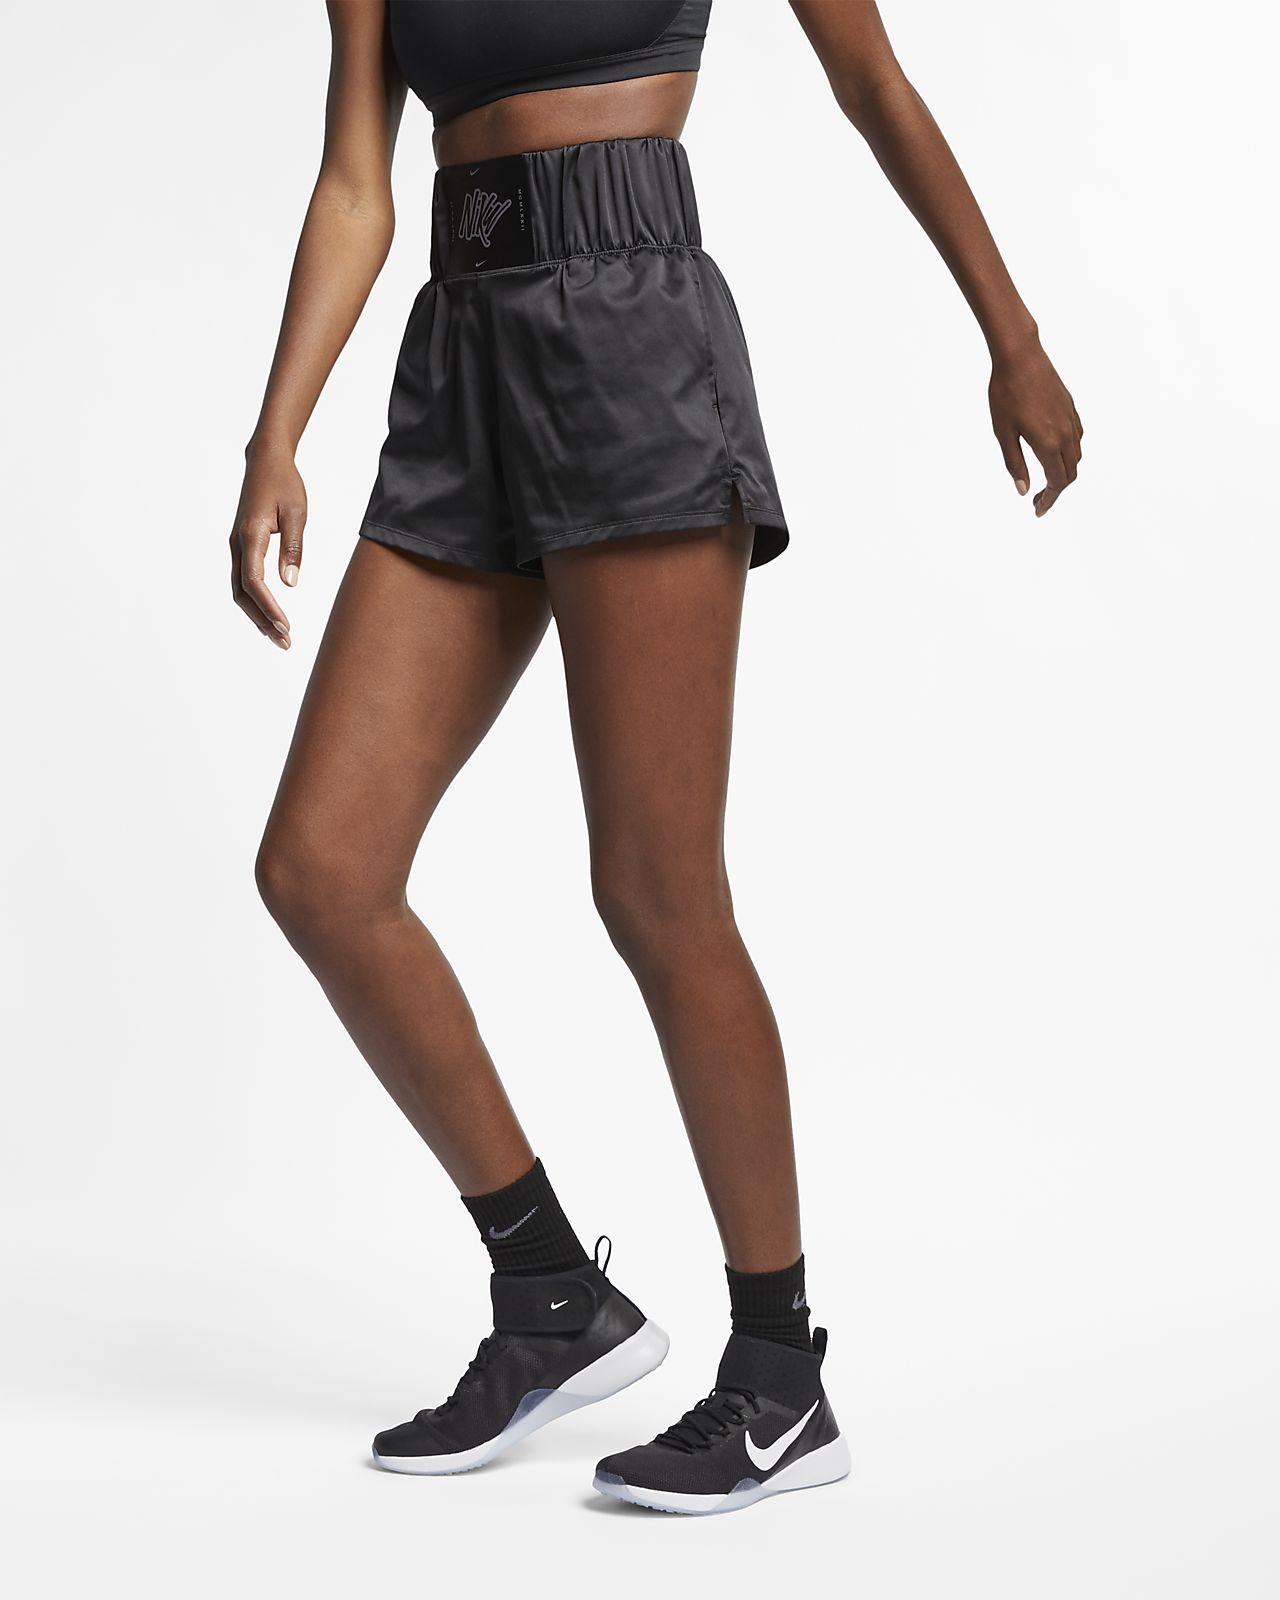 Nike Trainingsshorts Ch Dri Damen Fit rwrXq8a